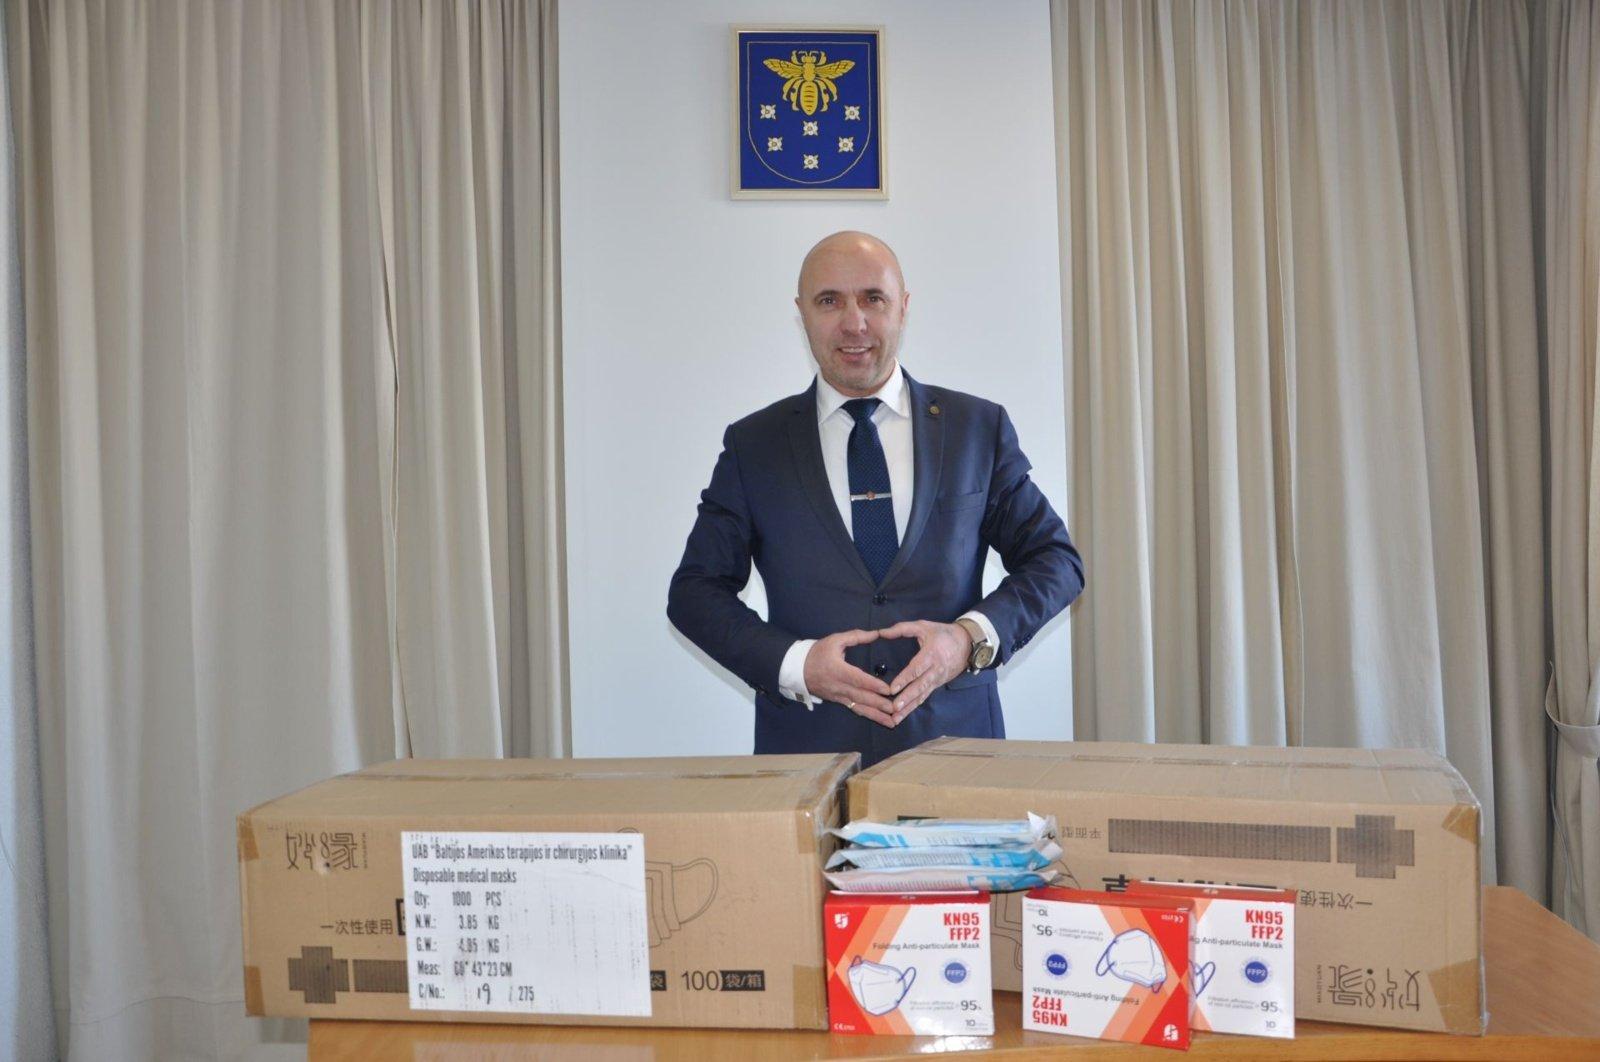 Varėnos rajono savivaldybė sulaukė labdaros už daugiau nei 32 tūkst. Eur